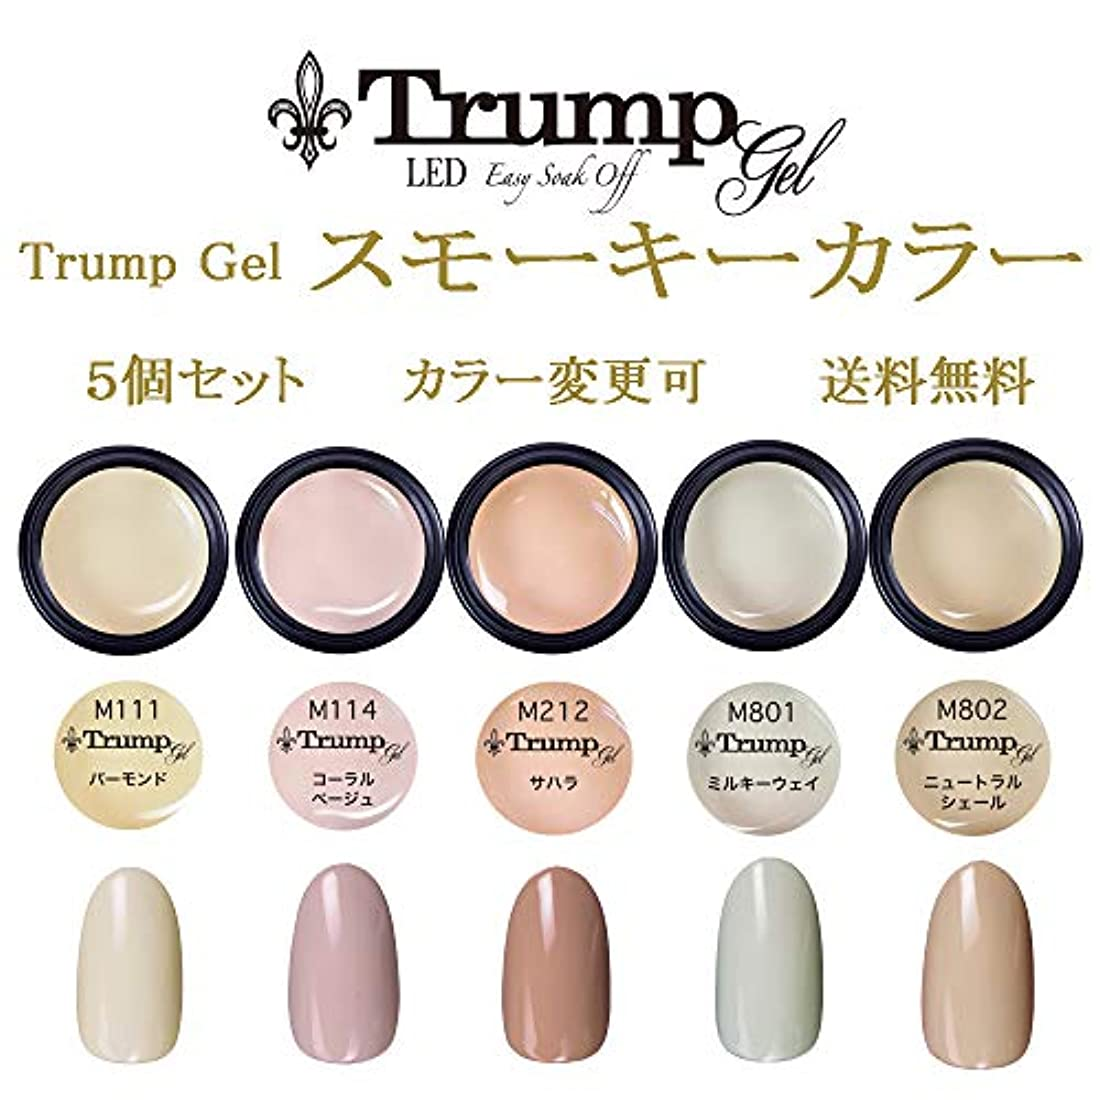 明らかにニッケル先史時代の日本製 Trump gel トランプジェル スモーキーカラー 選べる カラージェル 5個セット スモーク ベージュ グレー ブラウン ピンク